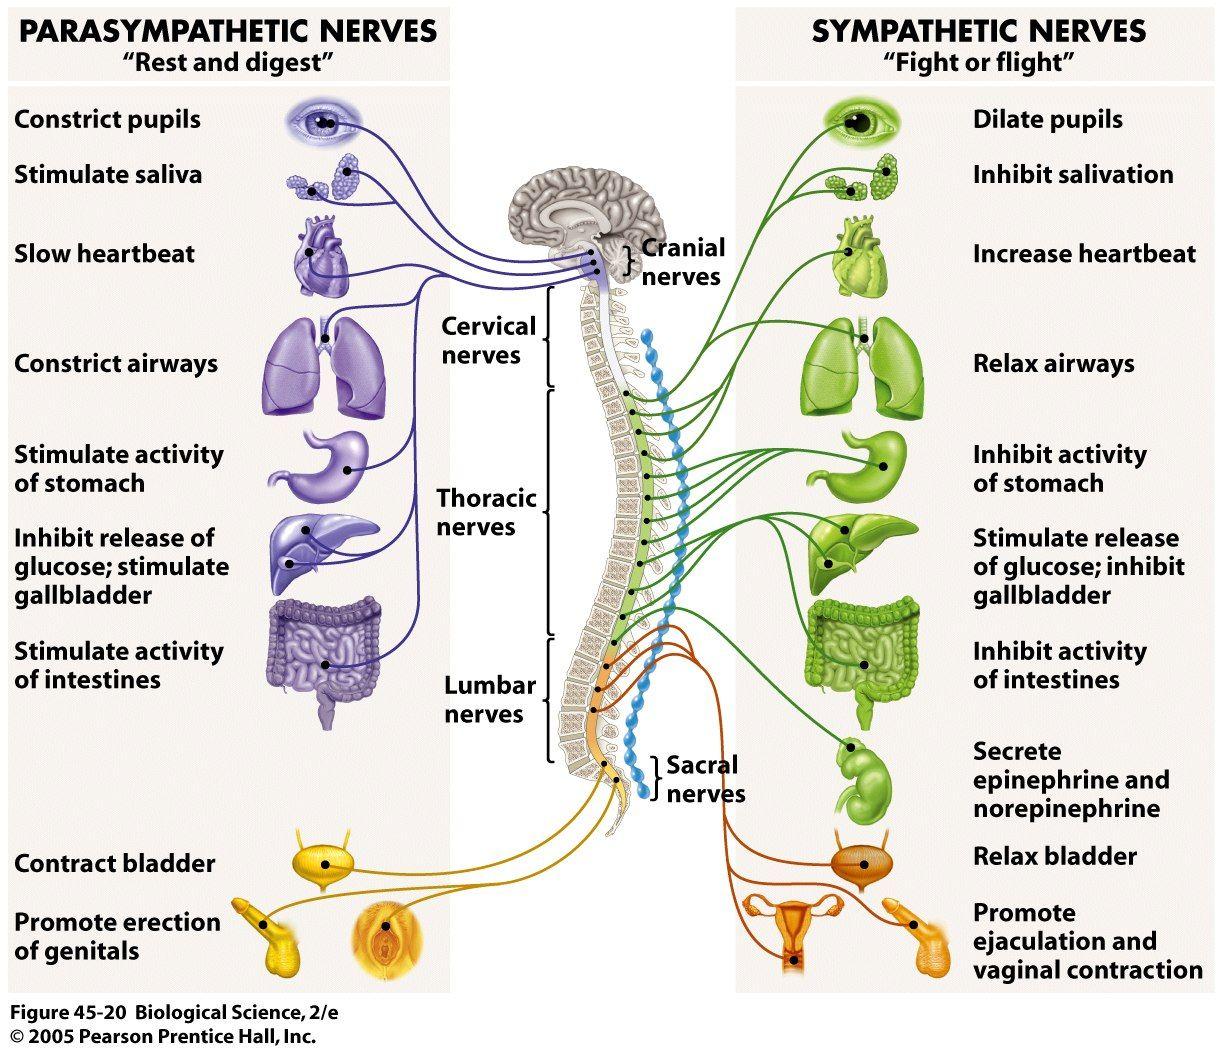 مكونات الجهاز العصبي السمبثاوي